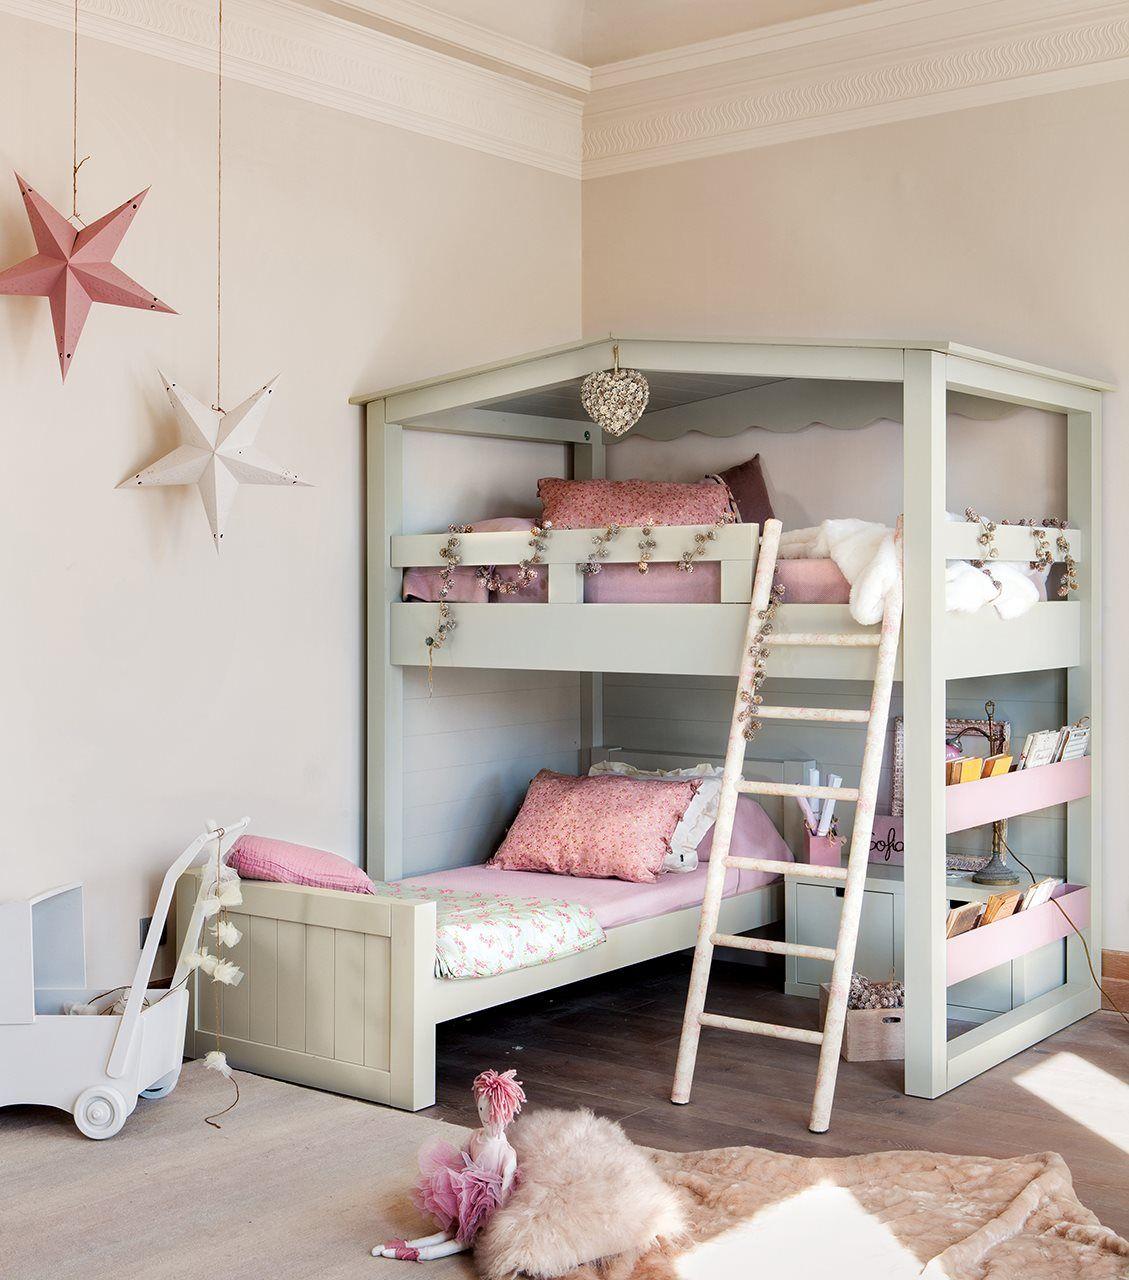 10 ideas para una habitaci n de dos o m s - Habitacion dos ninos ...